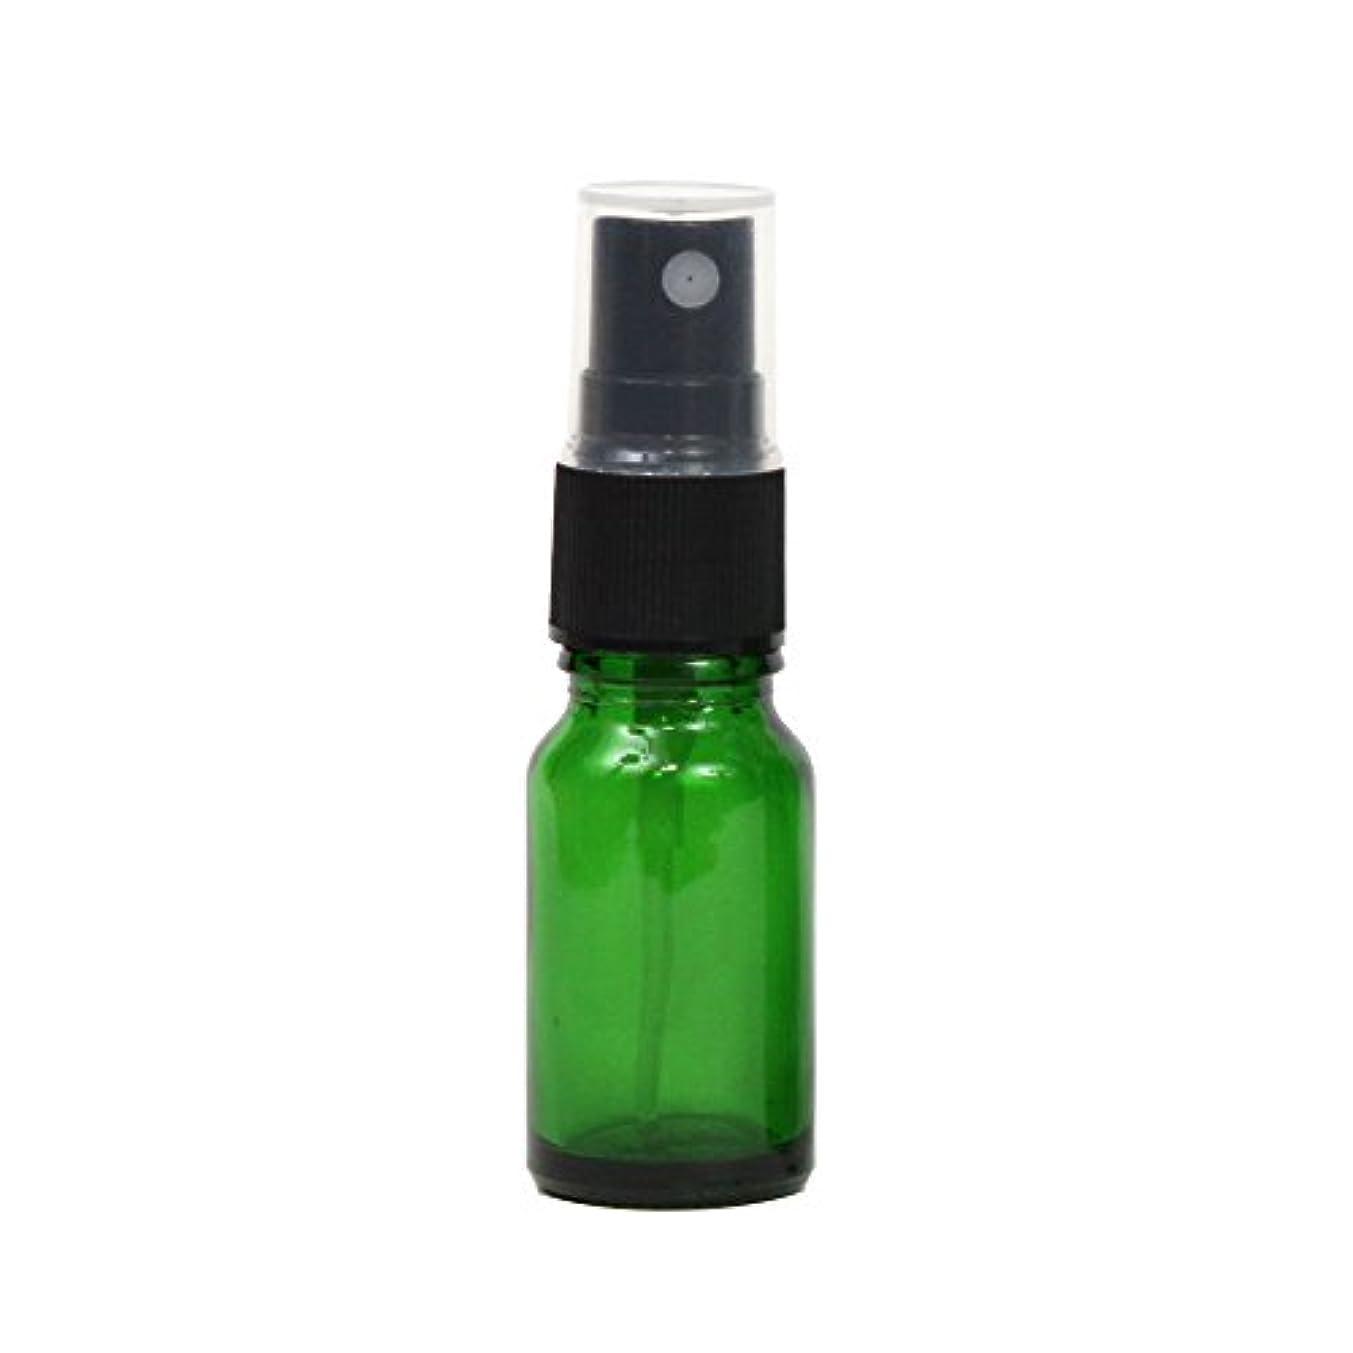 ラジカルのど薬局スプレーボトル ガラス瓶 10mL 遮光性グリーン ガラスアトマイザー 空容器